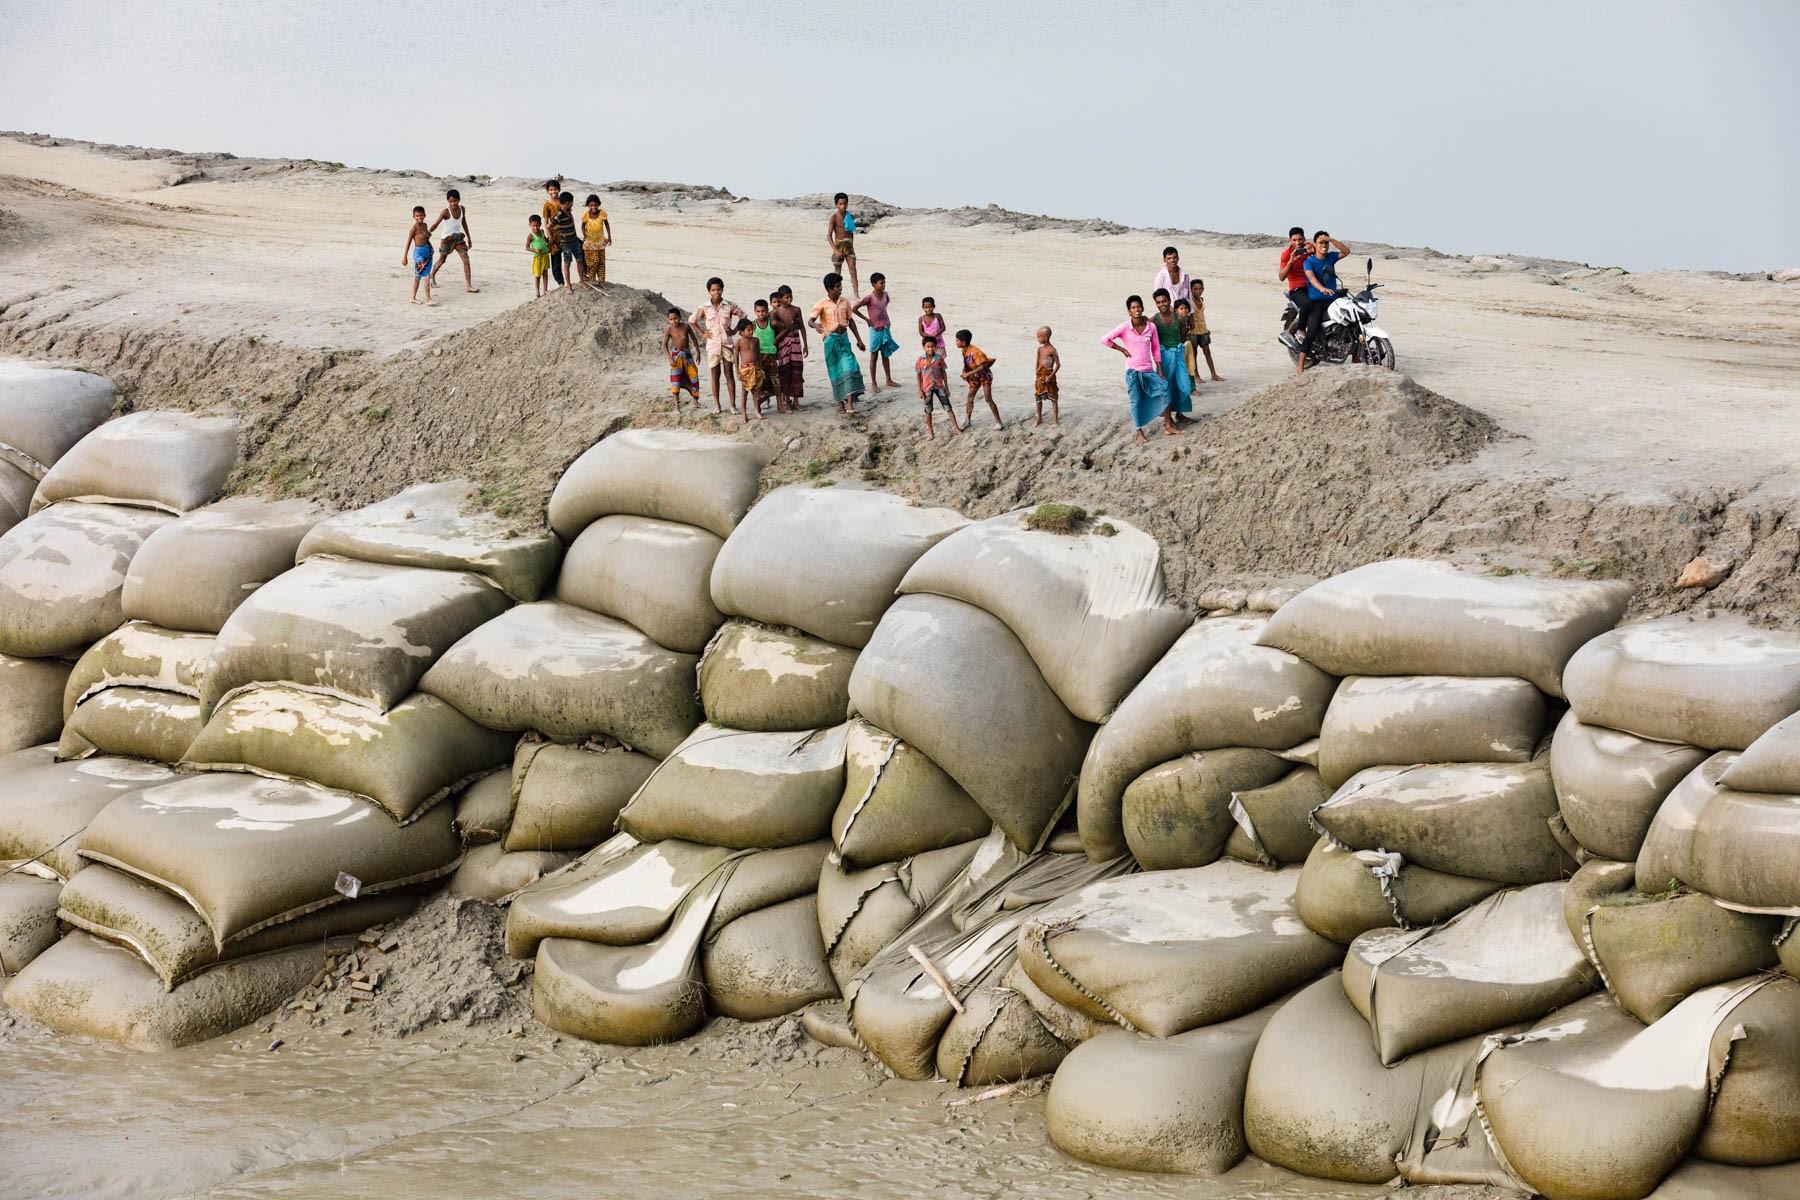 Barrage édifié en sacs de sable sur le delta du Gange au Bangladesh pour contrer la montée des eaux (Chittagong District). Si l'on ne parvient pas à réduire nos émissions de gaz à effet de serre, de nombreux territoires seront recouverts par les océans. © Yann Arthus-Bertrand